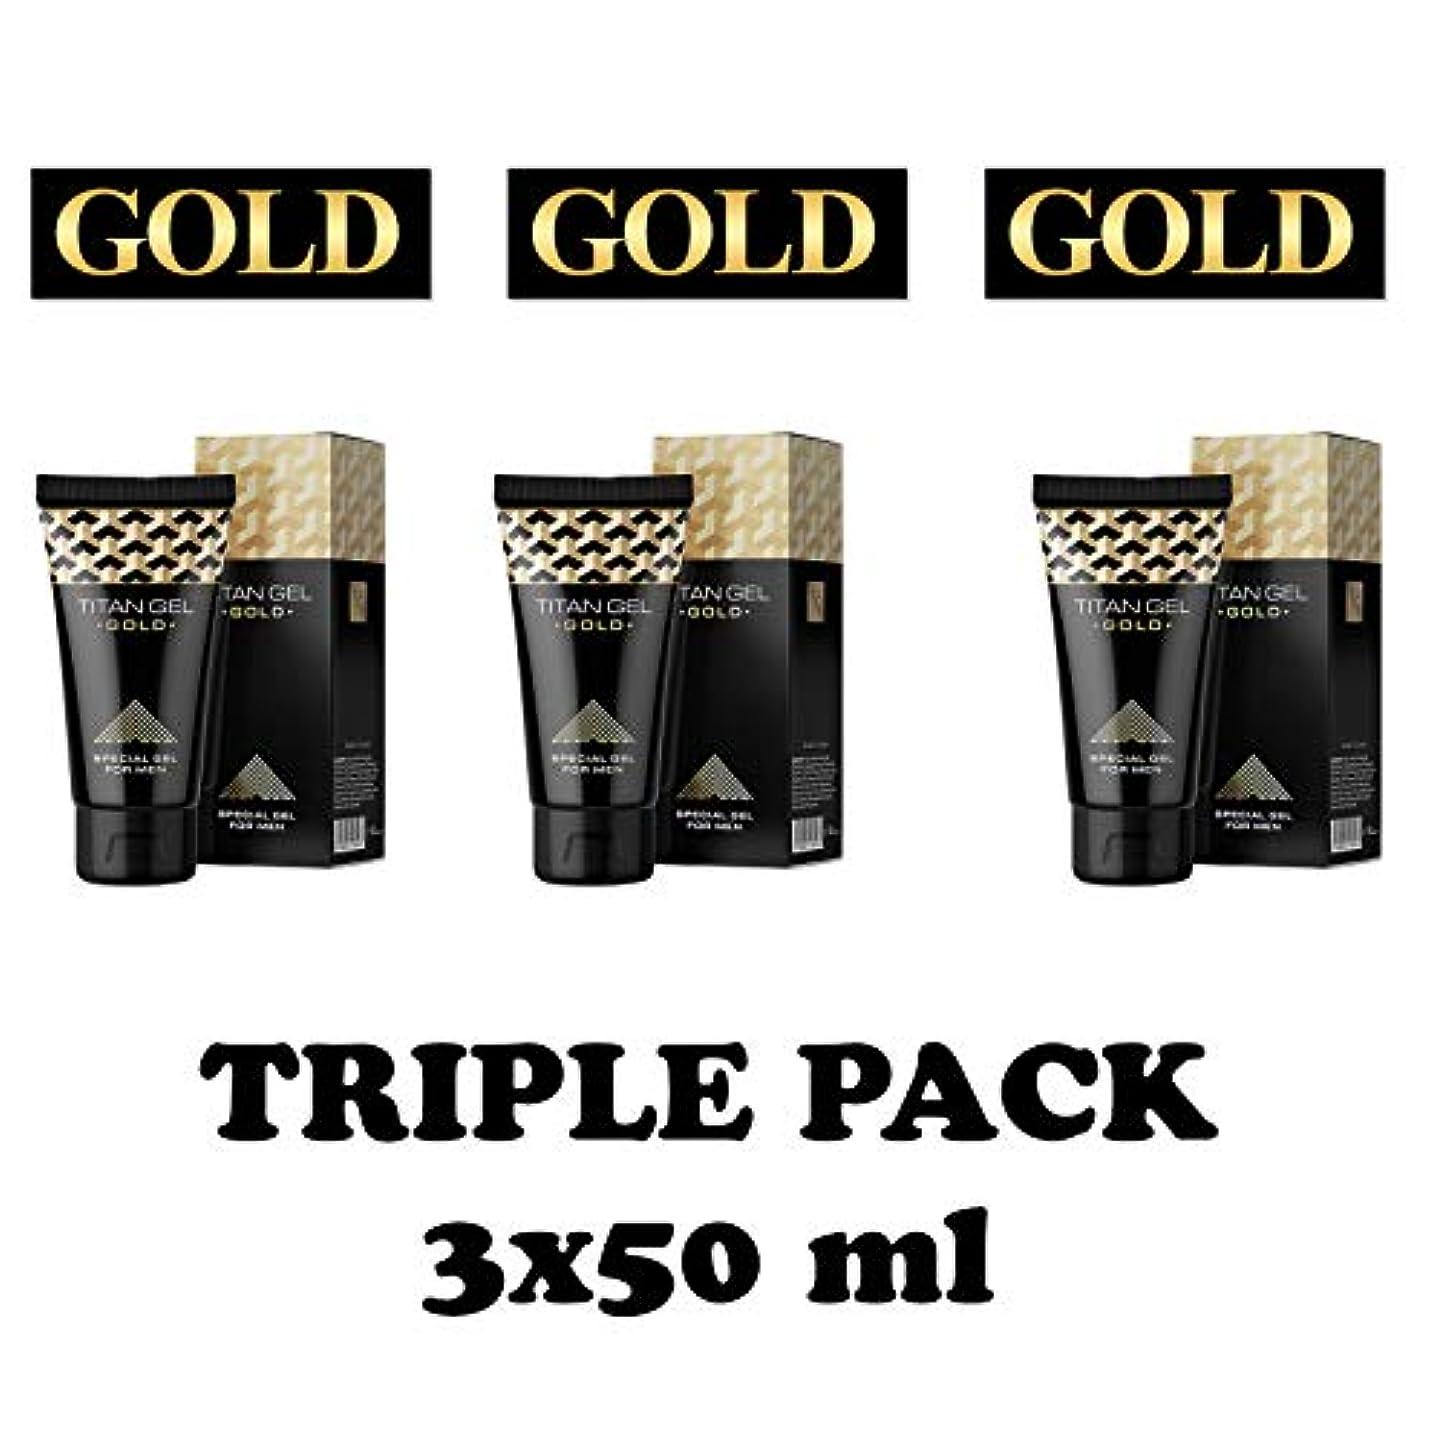 ショップお酒つばタイタンジェル ゴールド Titan gel Gold 50ml 3箱セット 日本語説明付き [並行輸入品]